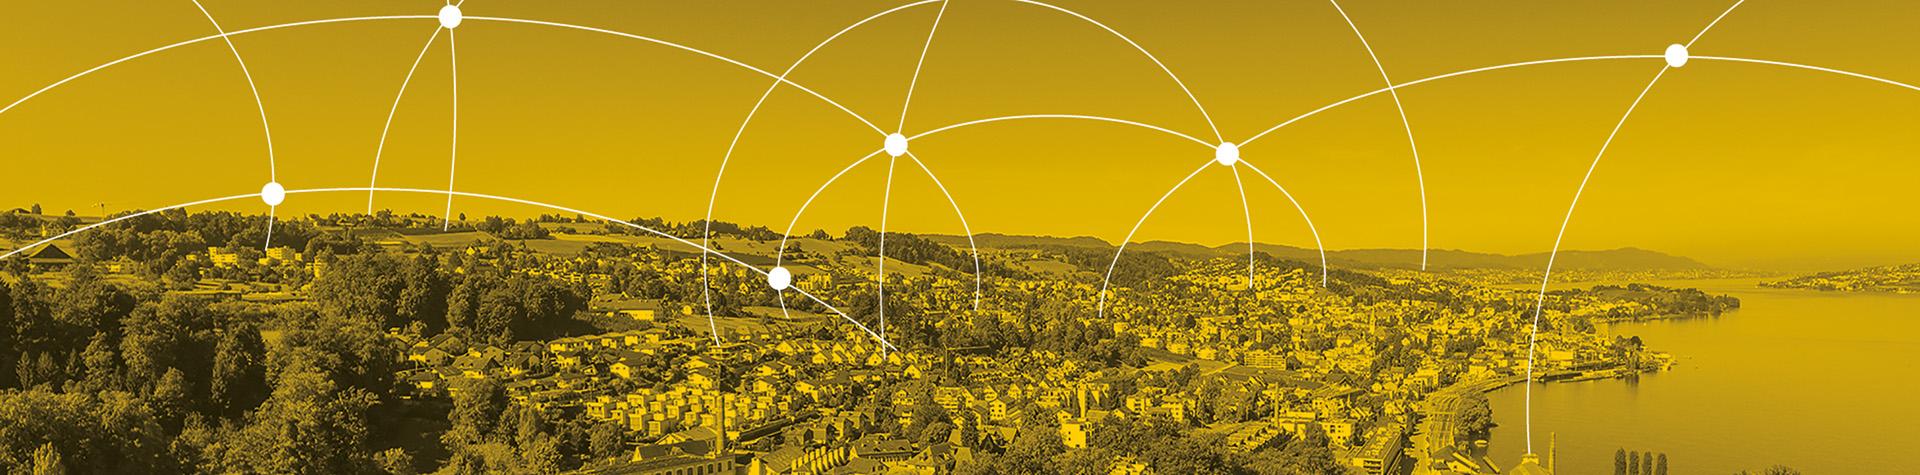 Luftaufnahme Wädenswil gelb eingefärbt